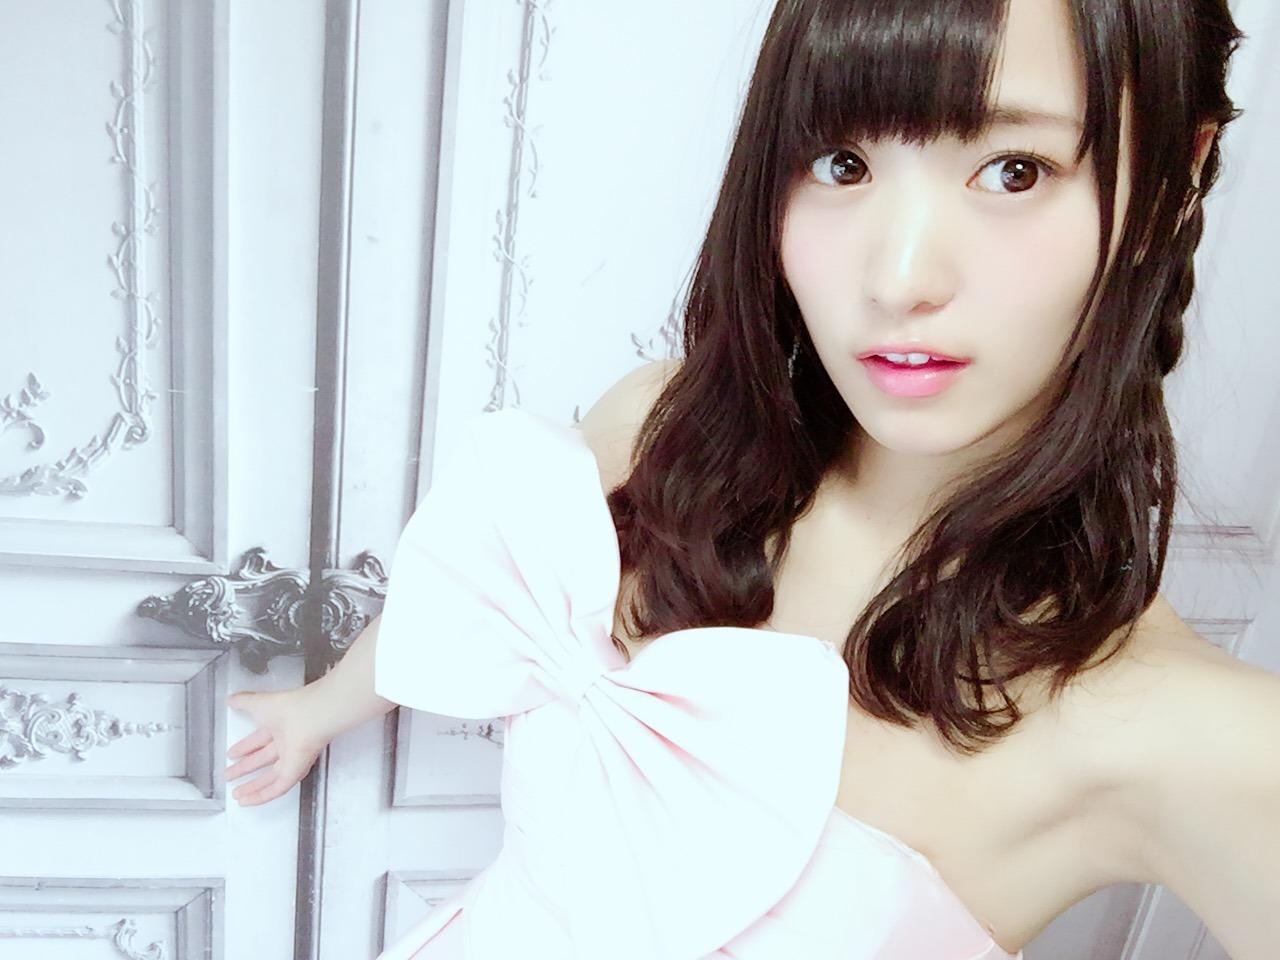 大きなリボンのあるセクシードレスを着ている菅井友香の画像